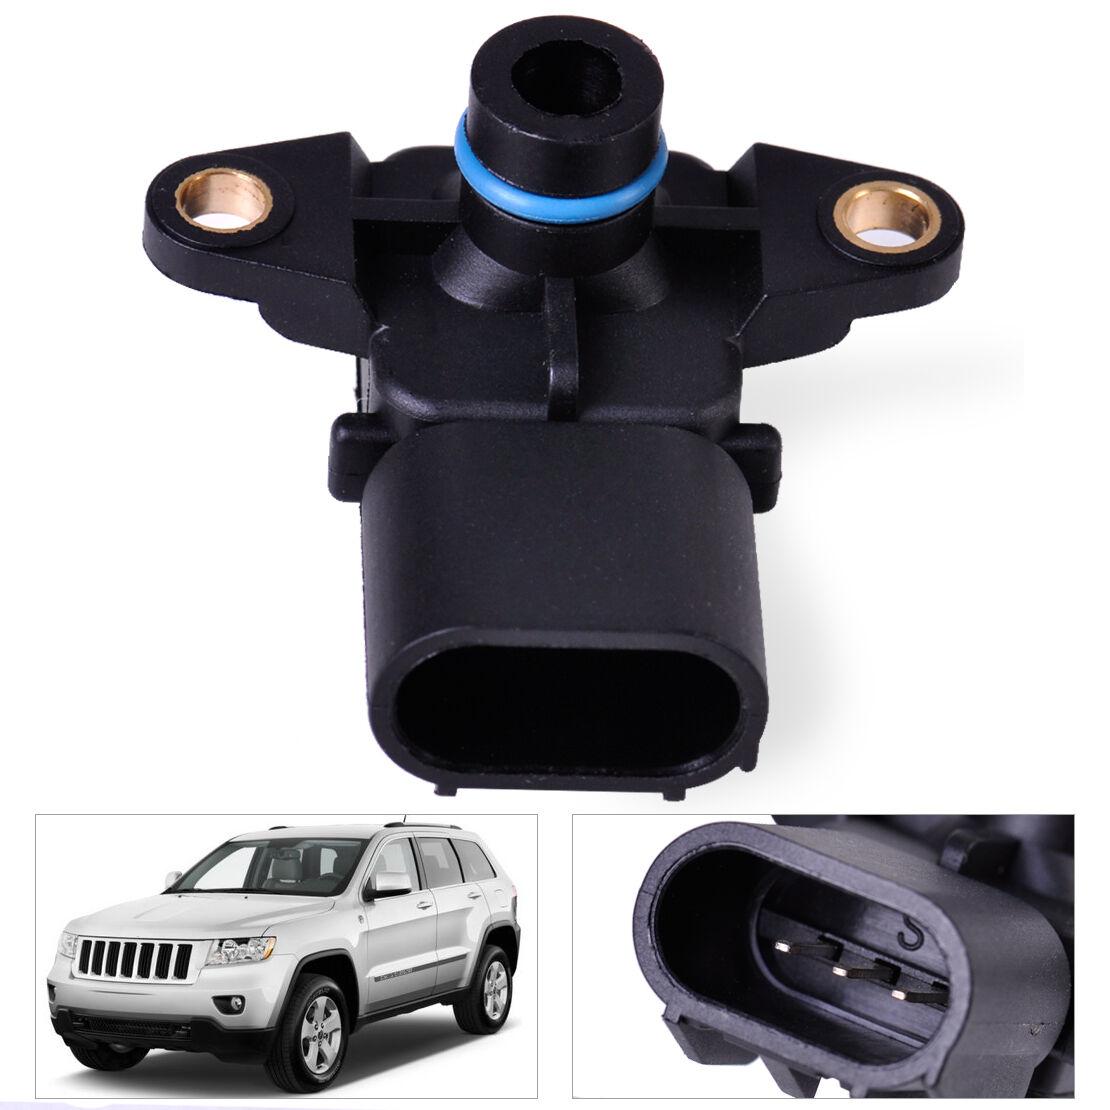 OCPTY Manifold Absolute Pressure Sensor Fits 2004-2010 for Chrysler// 2004-2011 for Dodge 56041018 DG-AS141 MAP Sensor